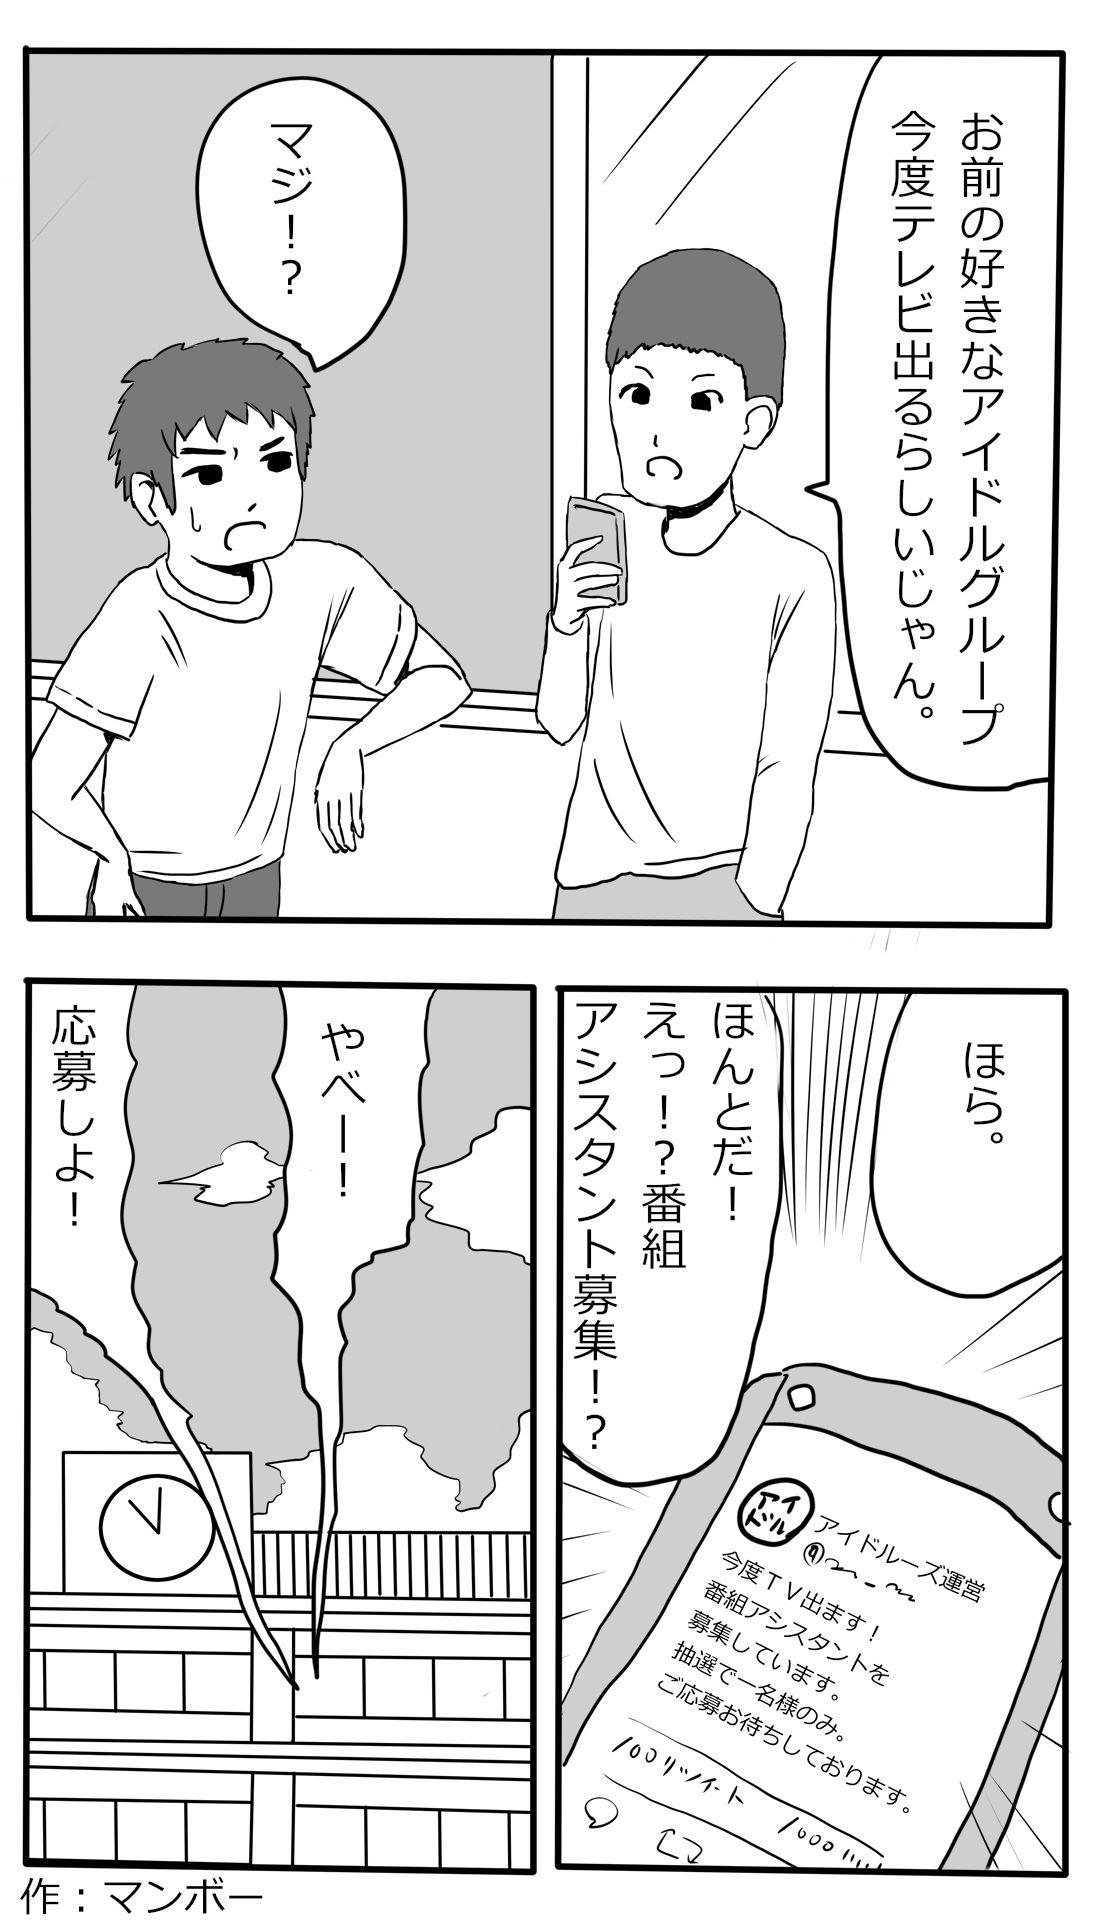 【マンボー 同人】手コキおねショタ箱の中身当てゲーム